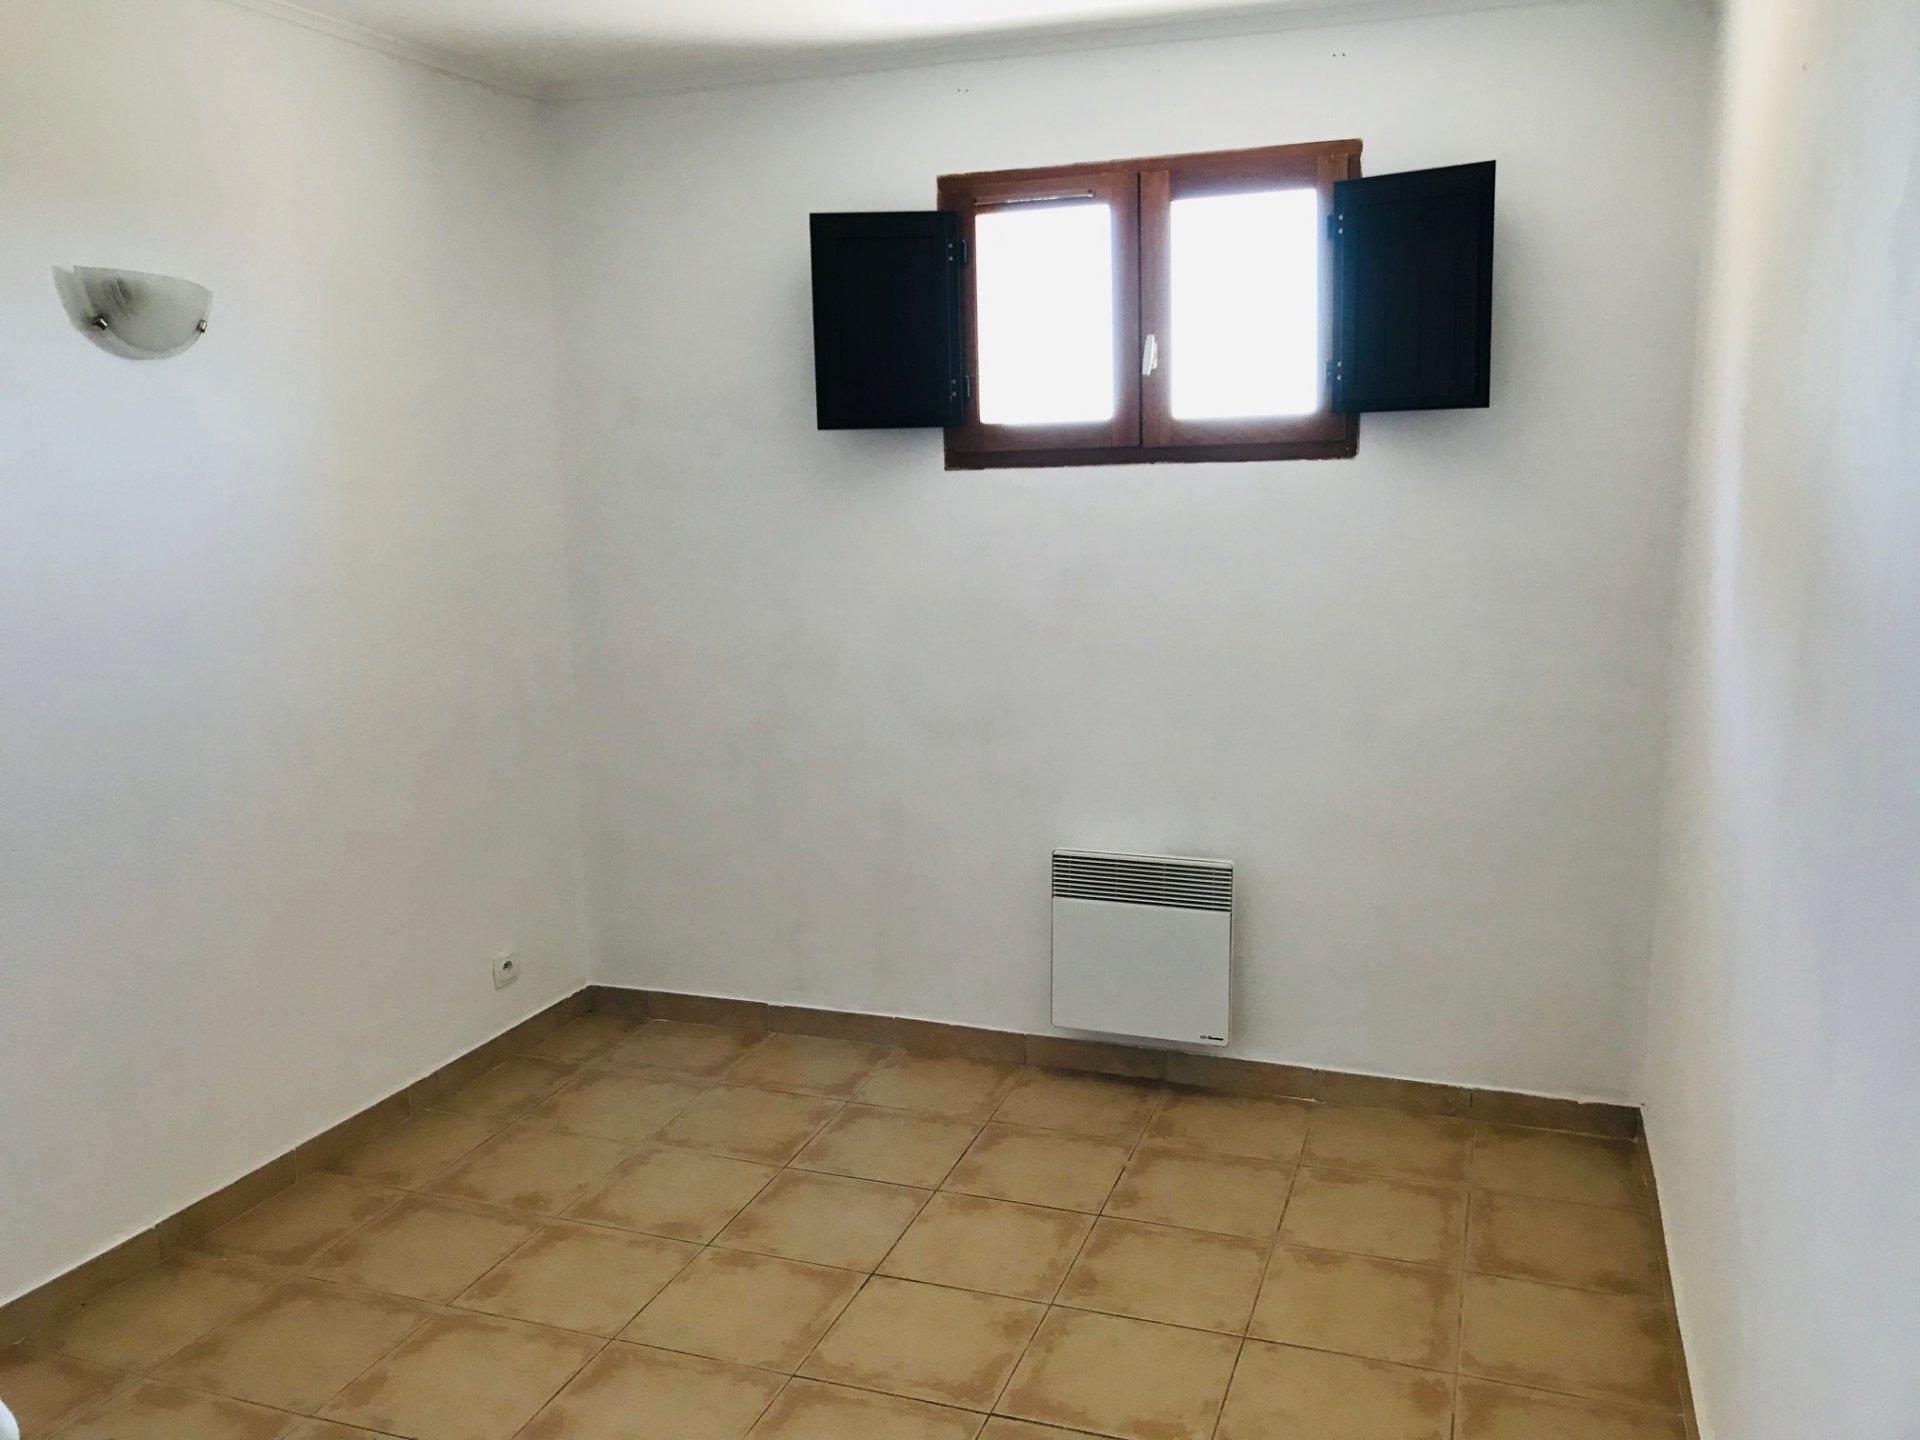 Appartement Type 3 avec balcon - EGUILLES